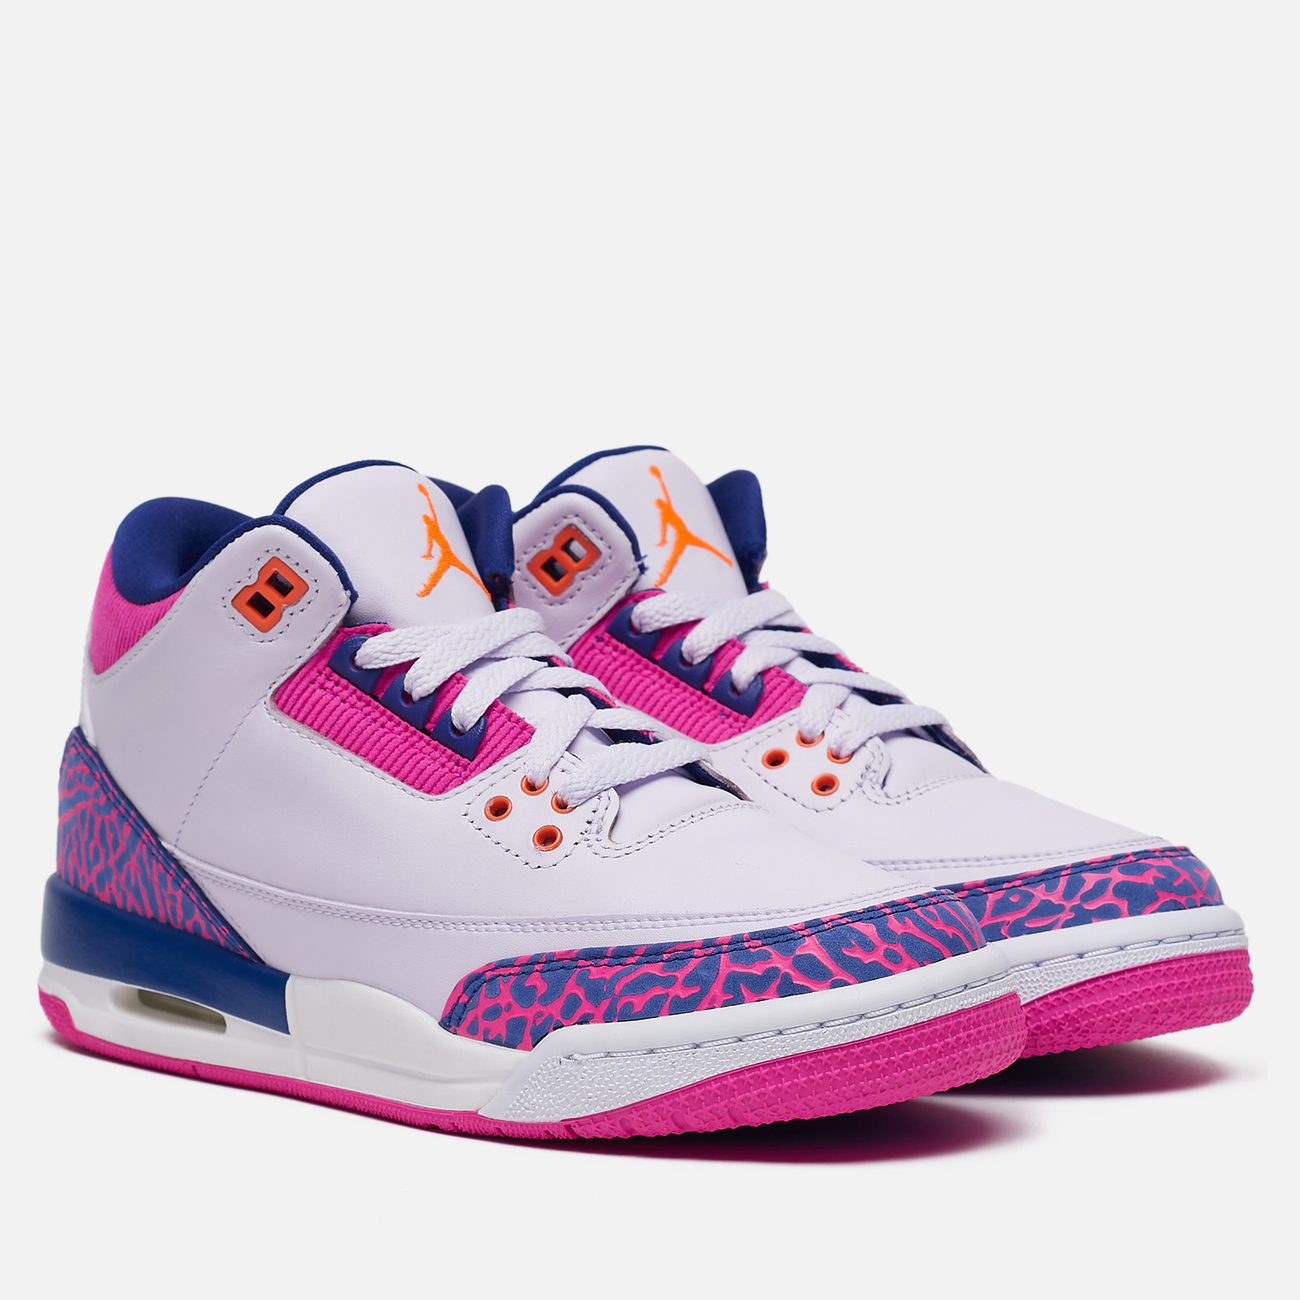 Подростковые кроссовки Jordan Air Jordan 3 Retro GS Barely Grape/Hyper Crimson/Fire Pink